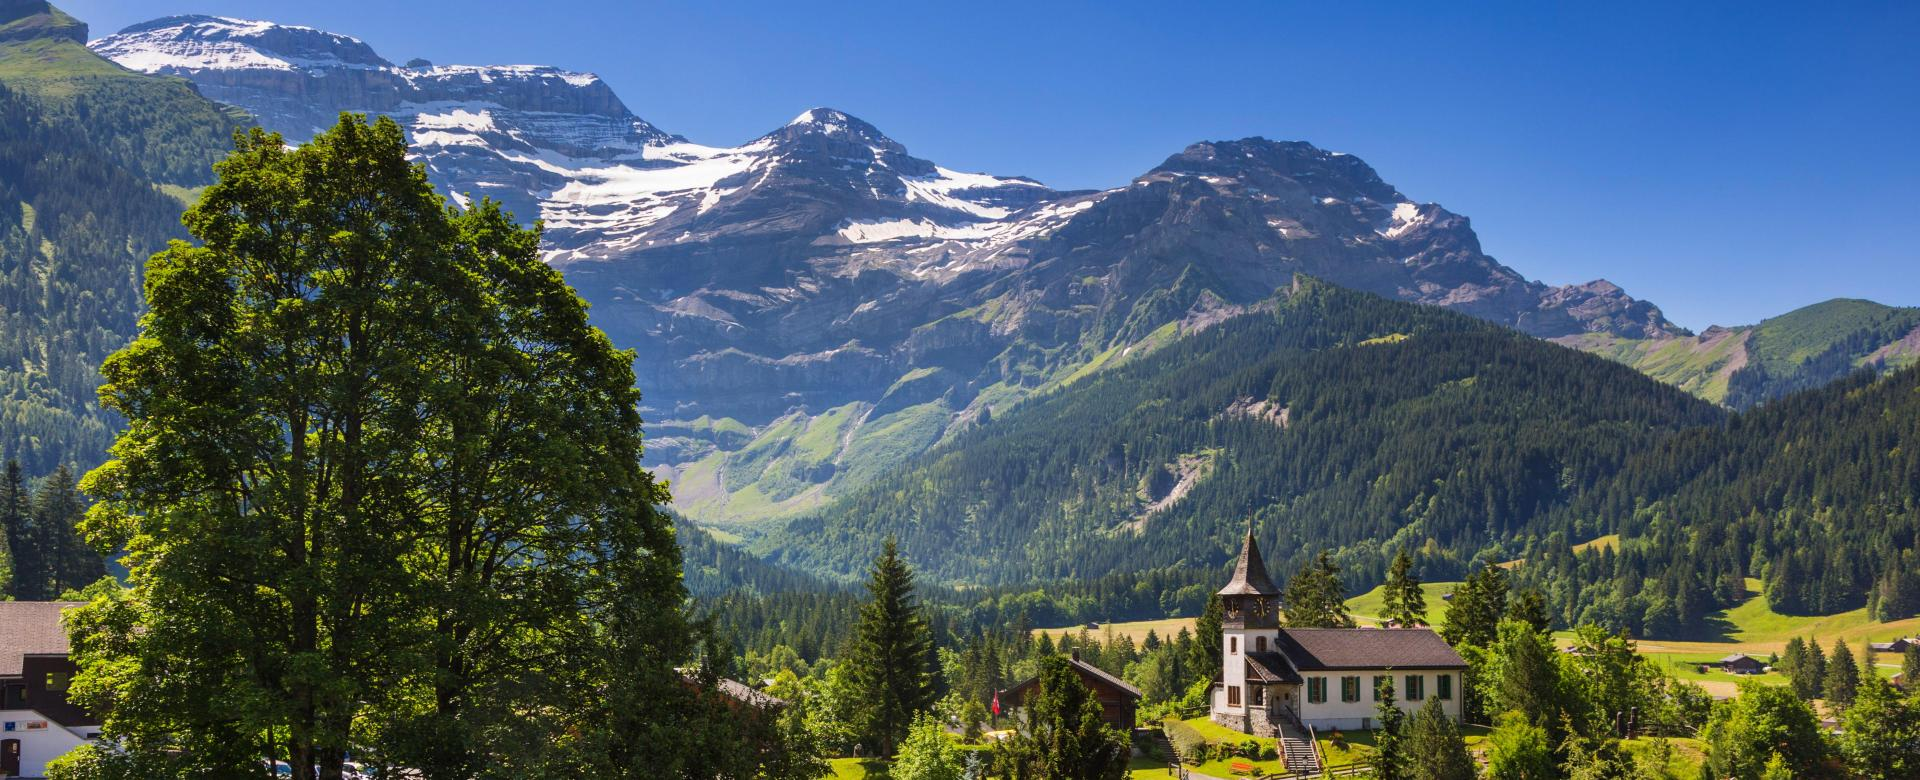 Voyage à pied : Au coeur des alpes vaudoises, les diablerets